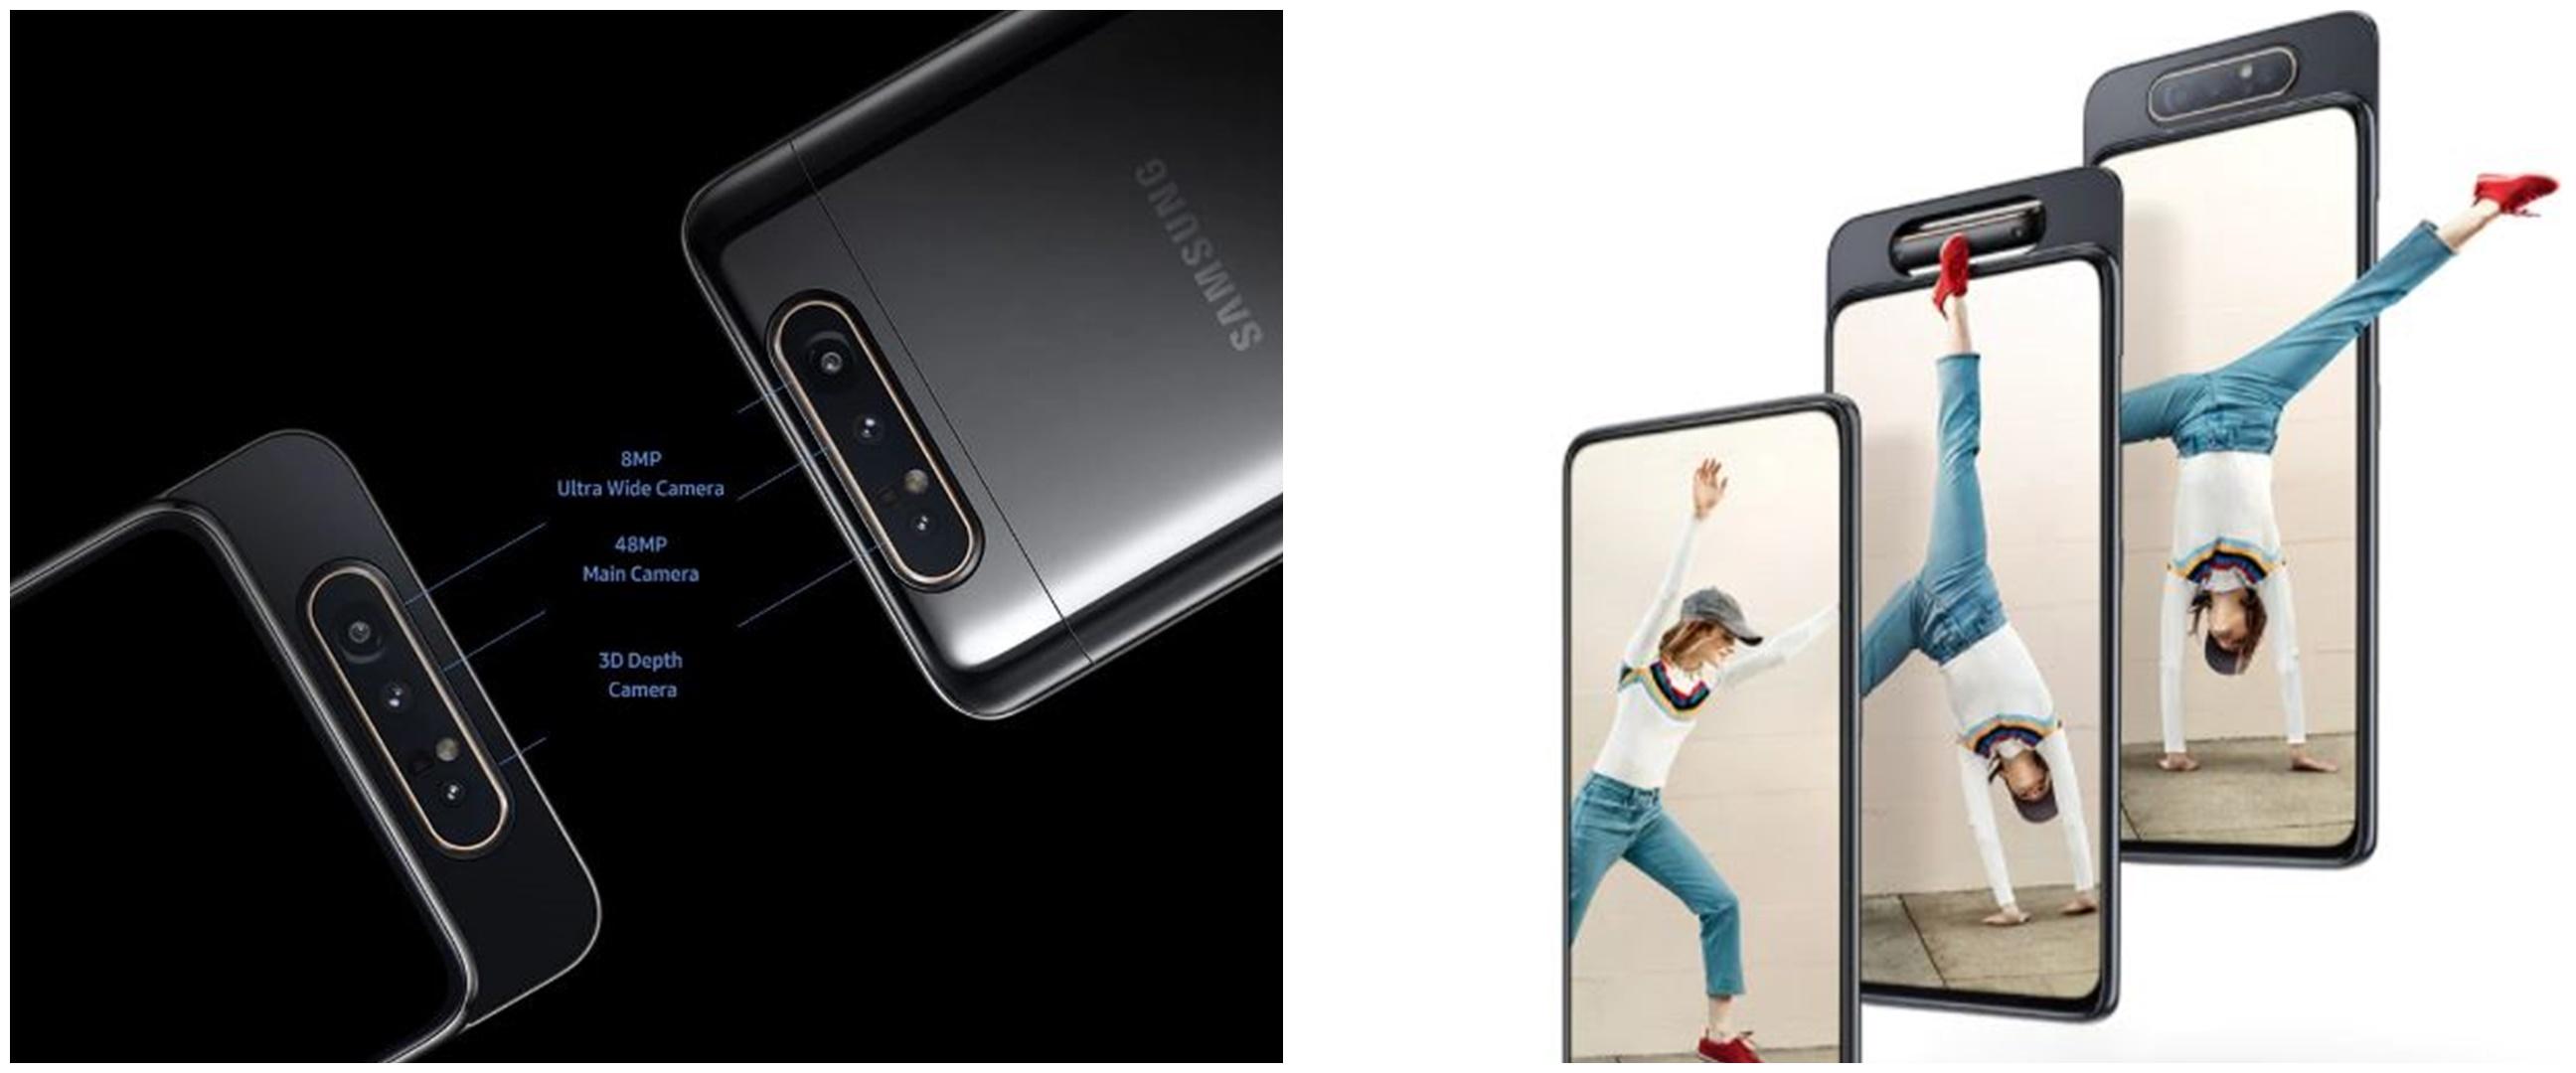 Harga HP Samsung A80 beserta spesifikasi, kelebihan, dan kekurangan